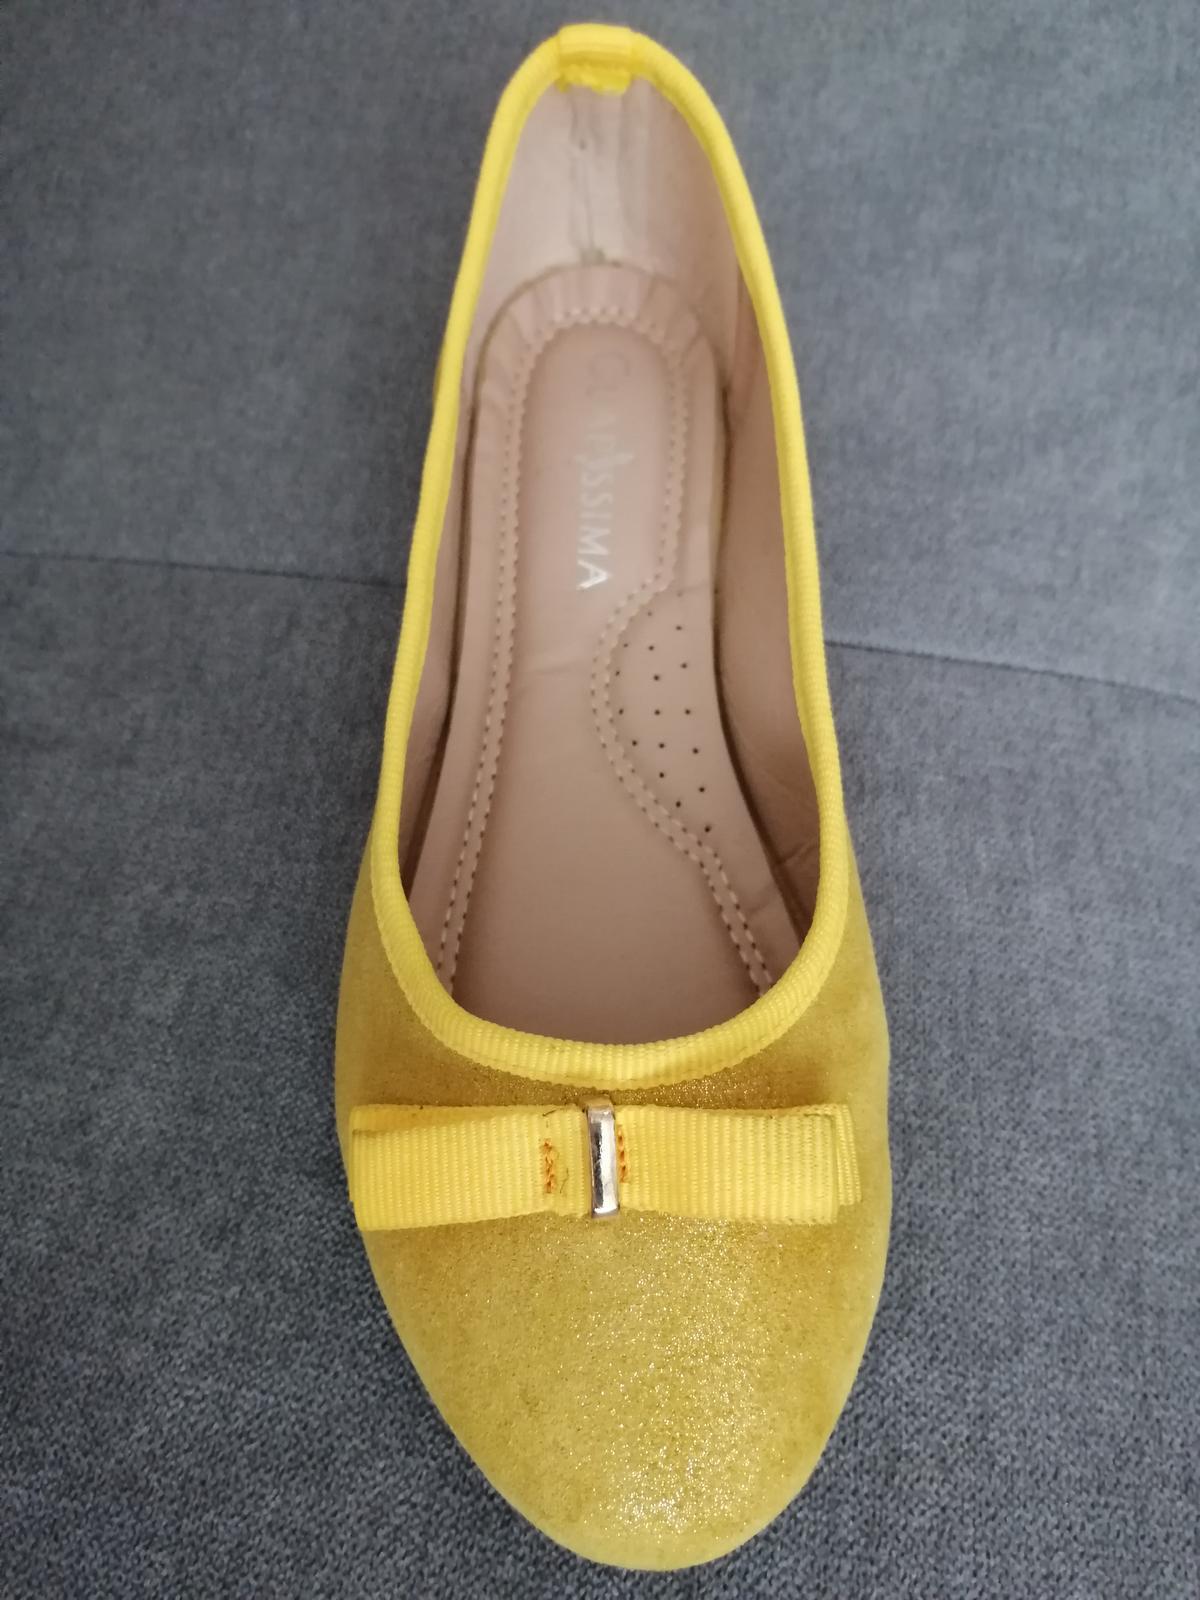 Zlte balerinky - Obrázok č. 1